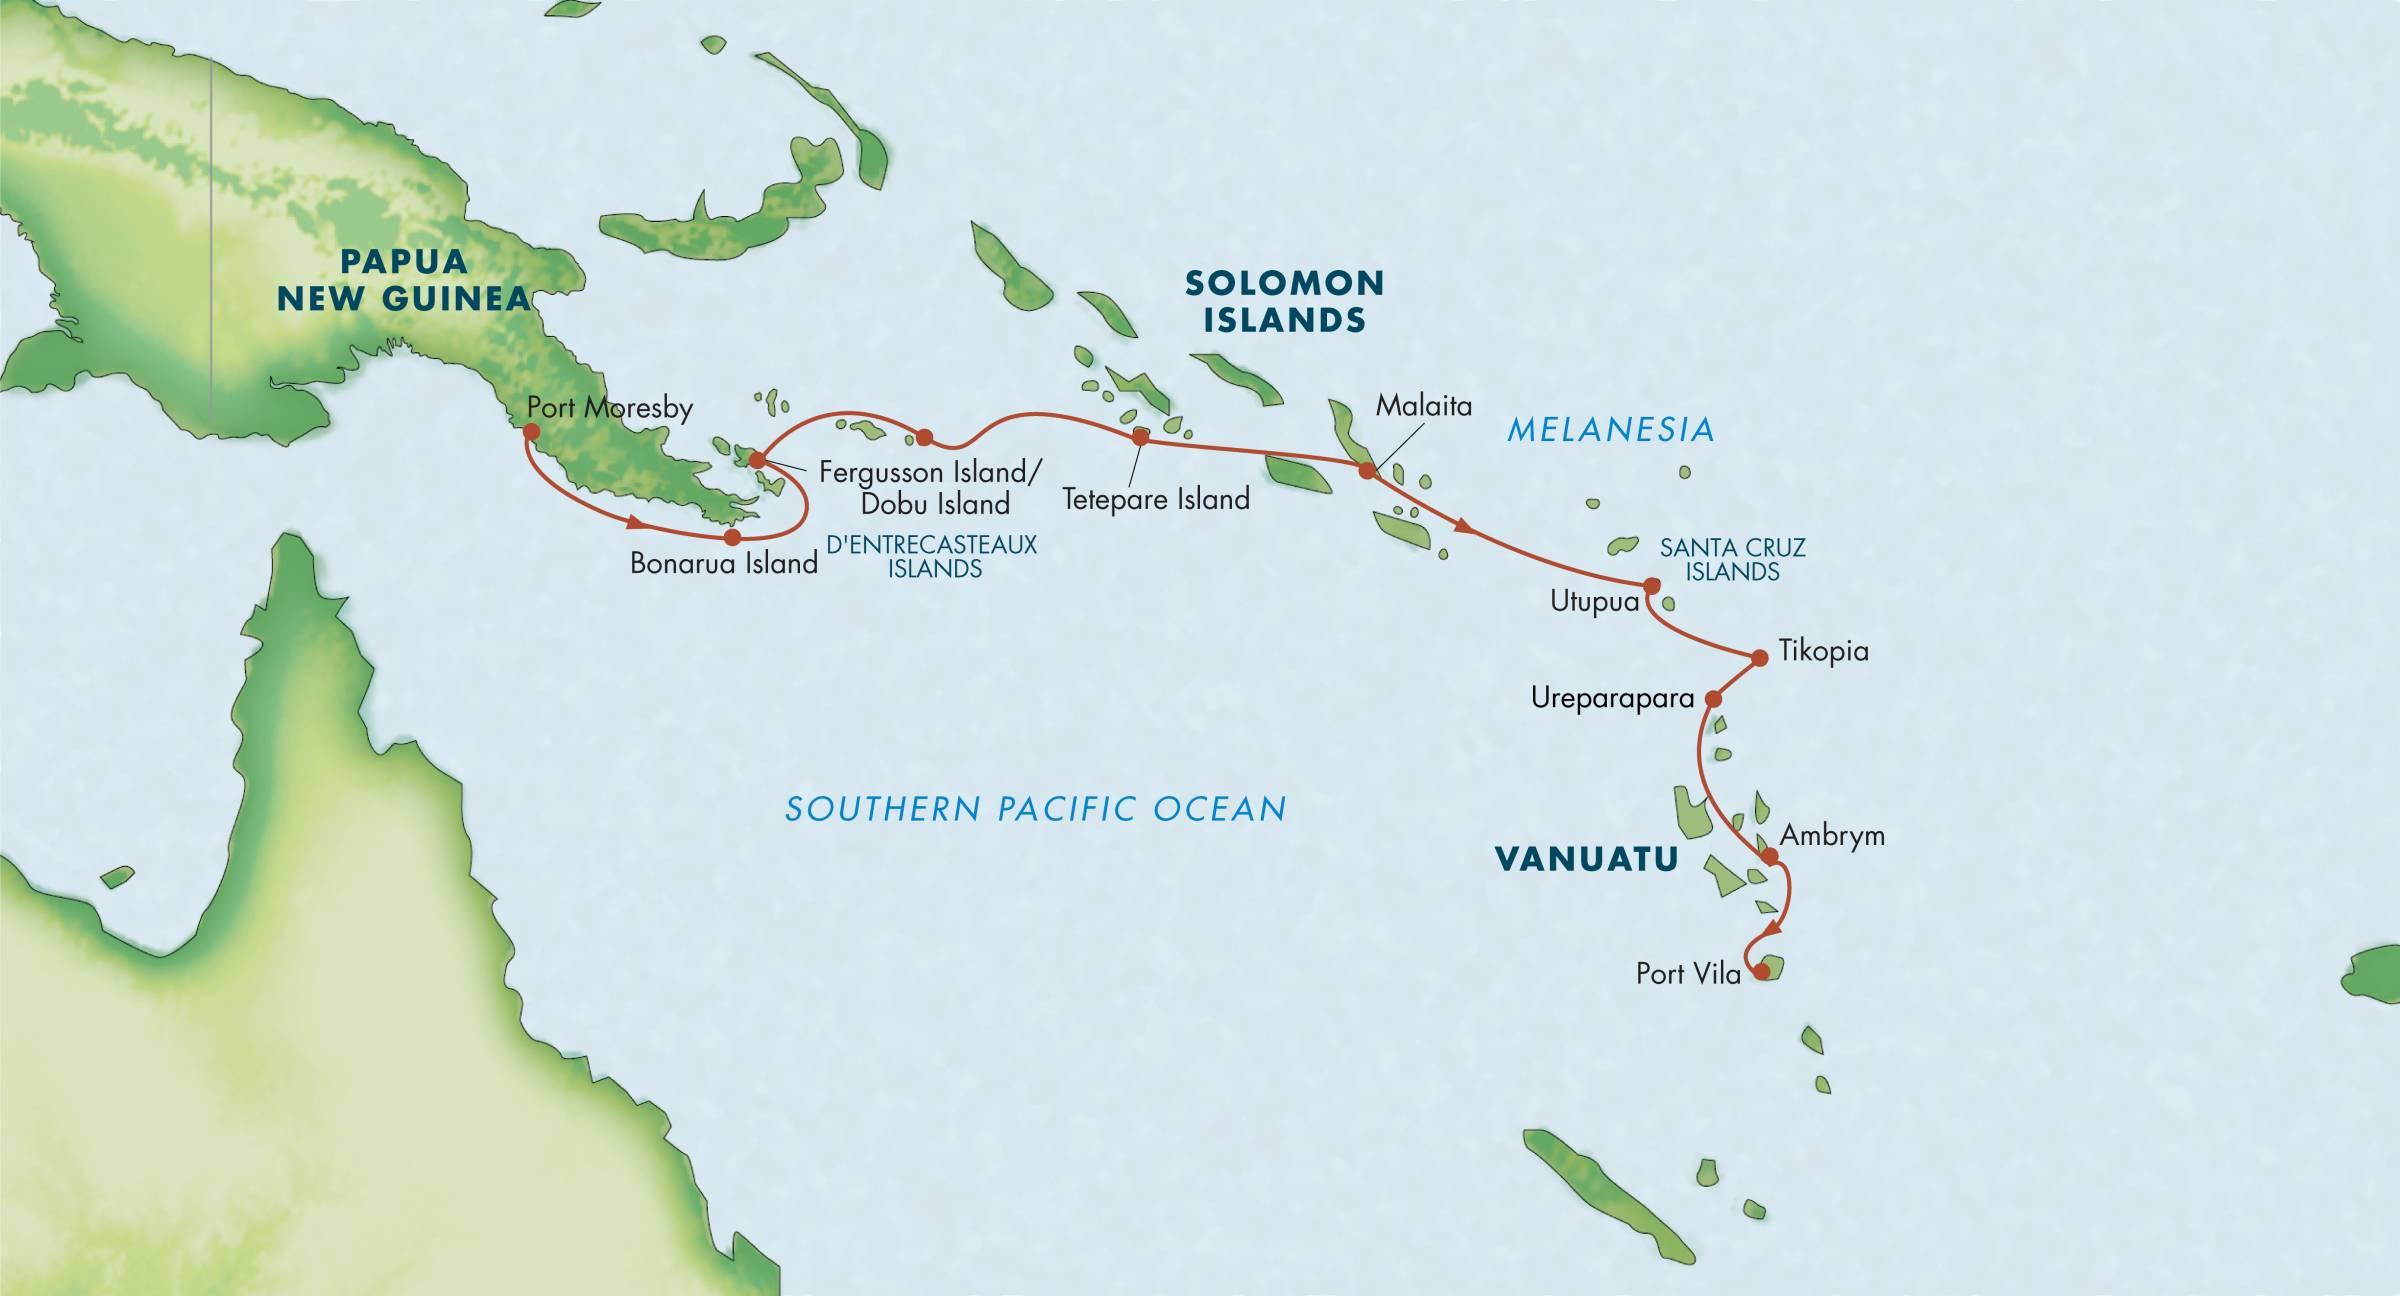 Map for Melanesia, Solomon Islands & Vanuatu